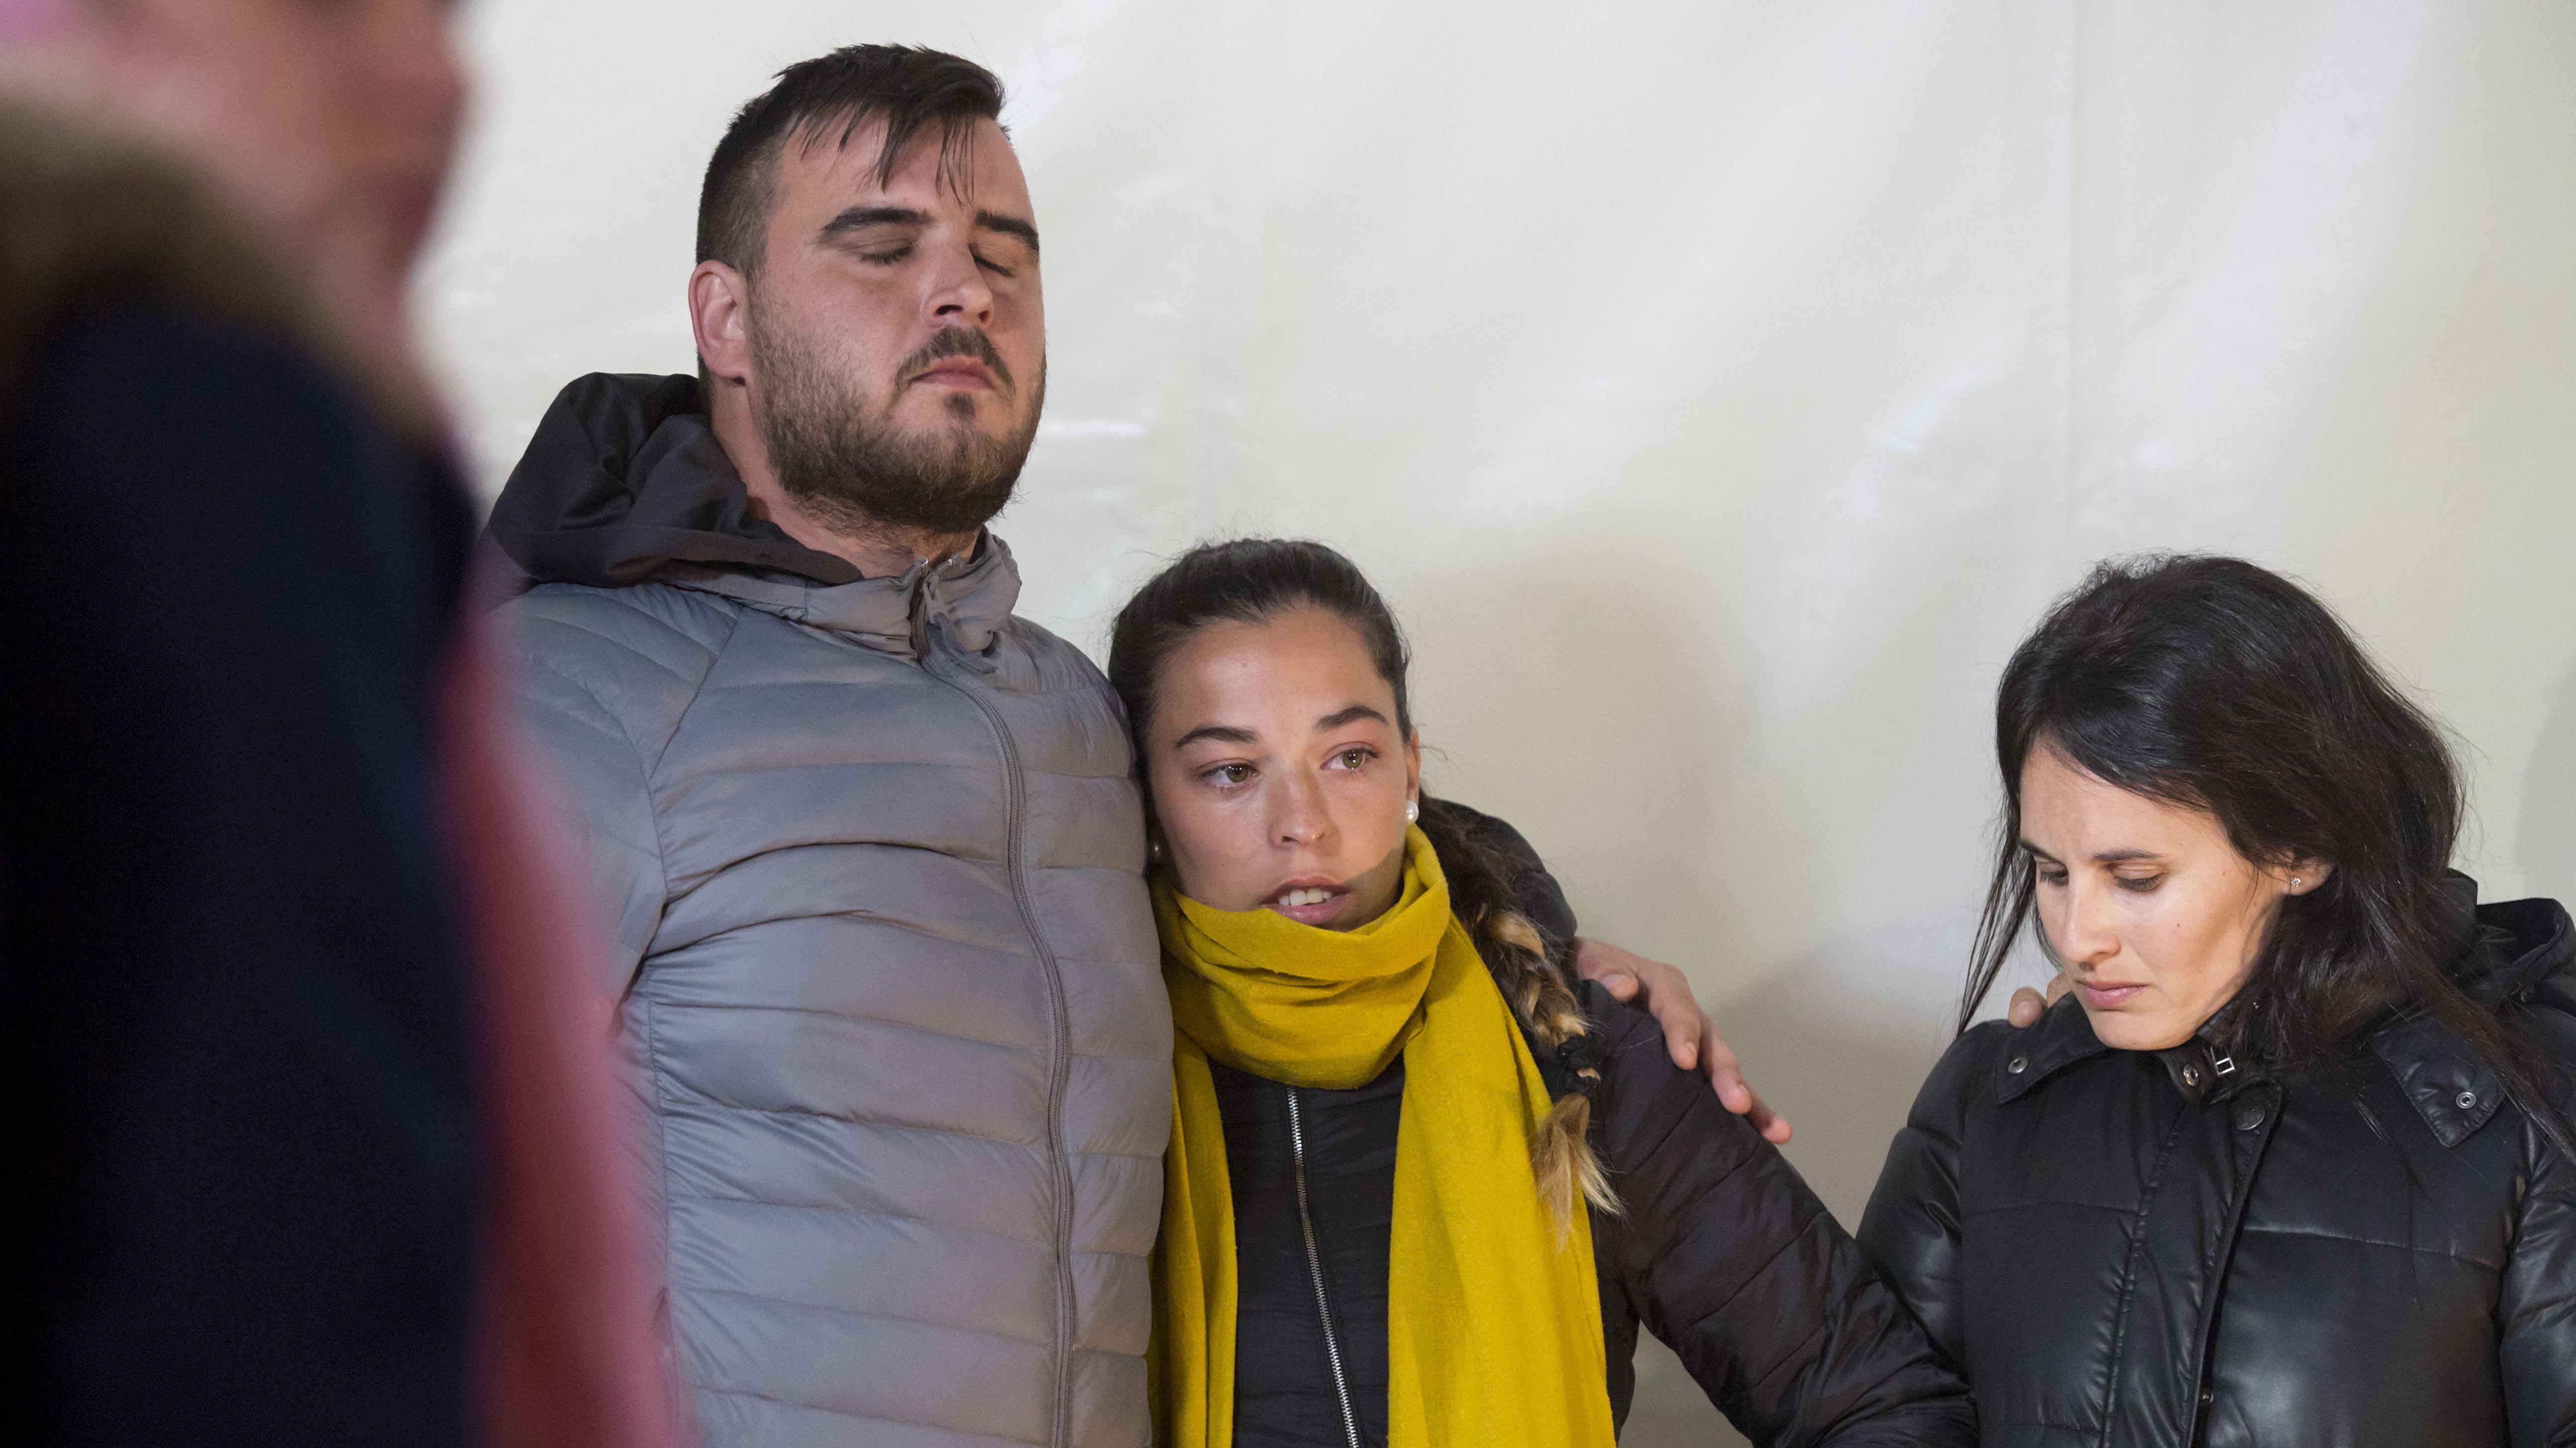 Die Eltern des zweijährigen Julien: Ihr Sohn war vor einem Jahr in ein tiefes und extrem enges Bohrloch gestürzt.